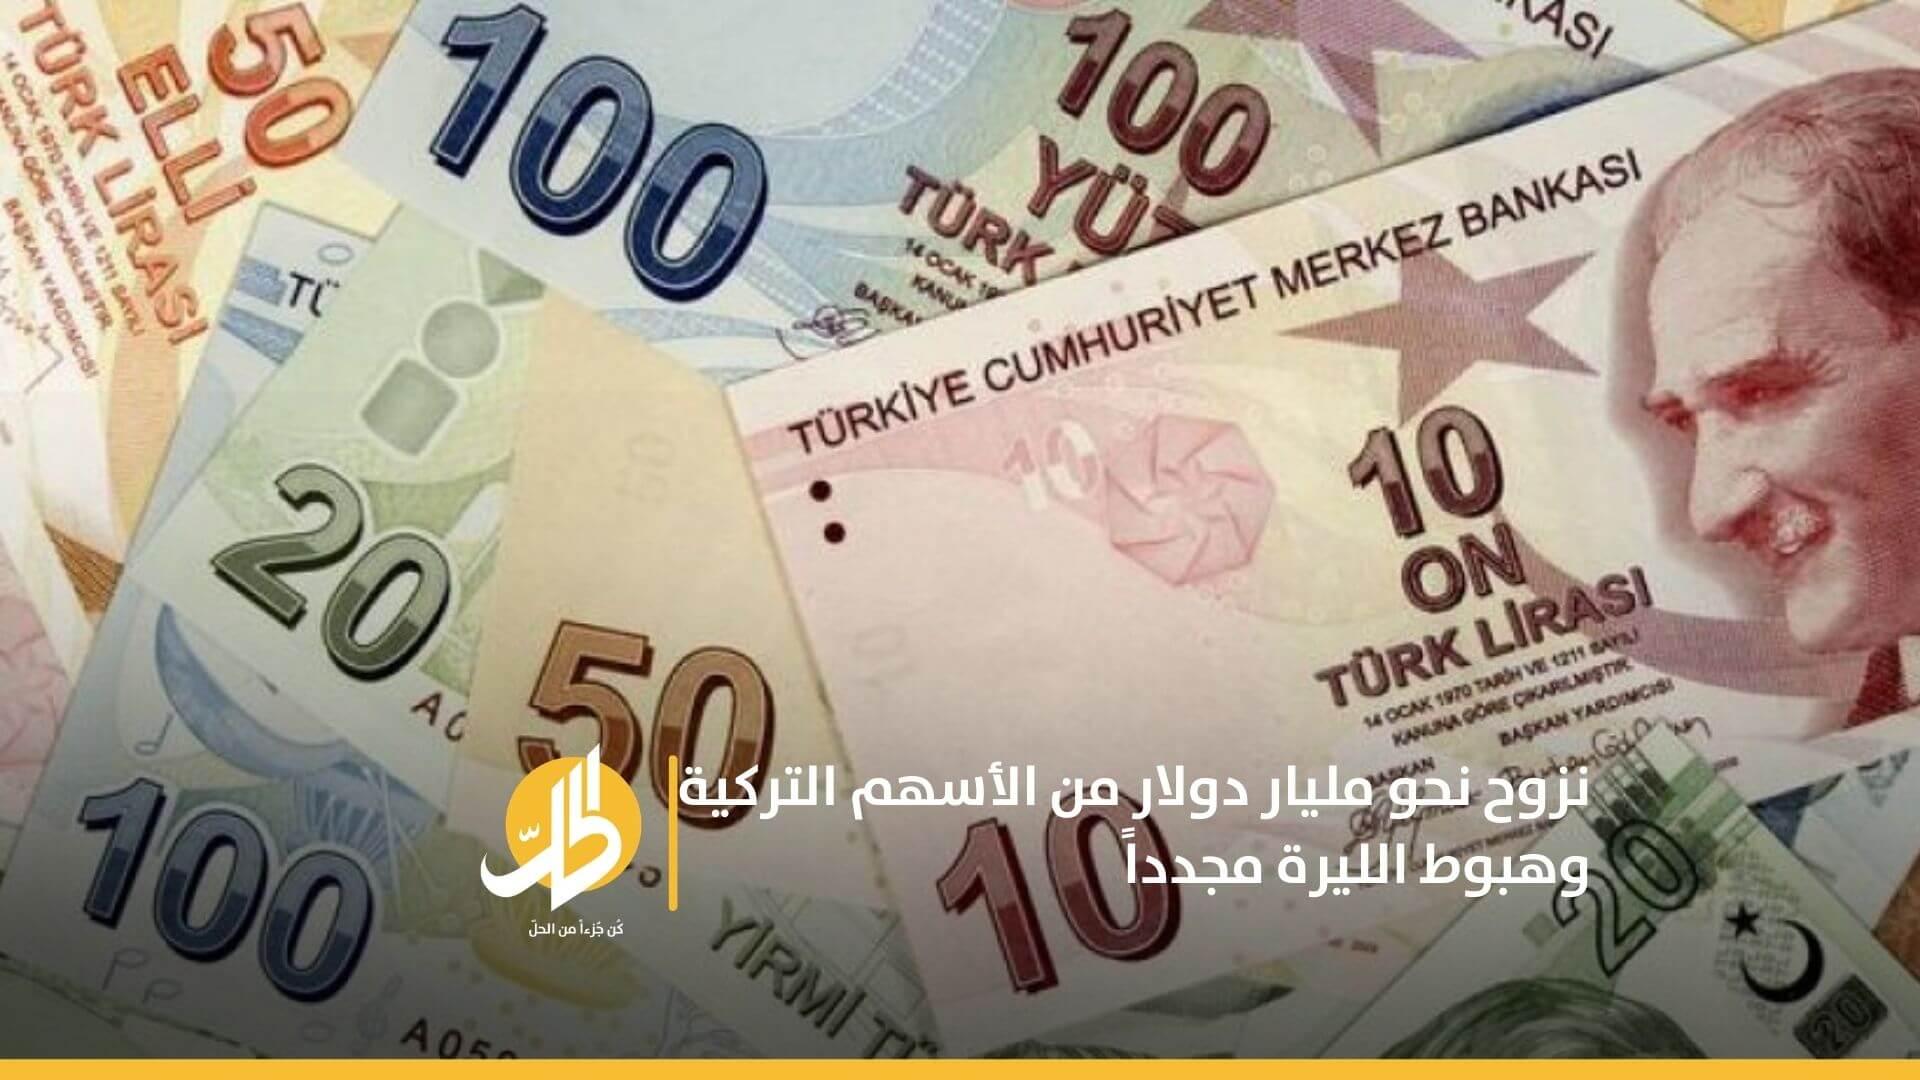 نزوح نحو مليار دولار من الأسهم التركية.. وهبوط الليرة مجدداً